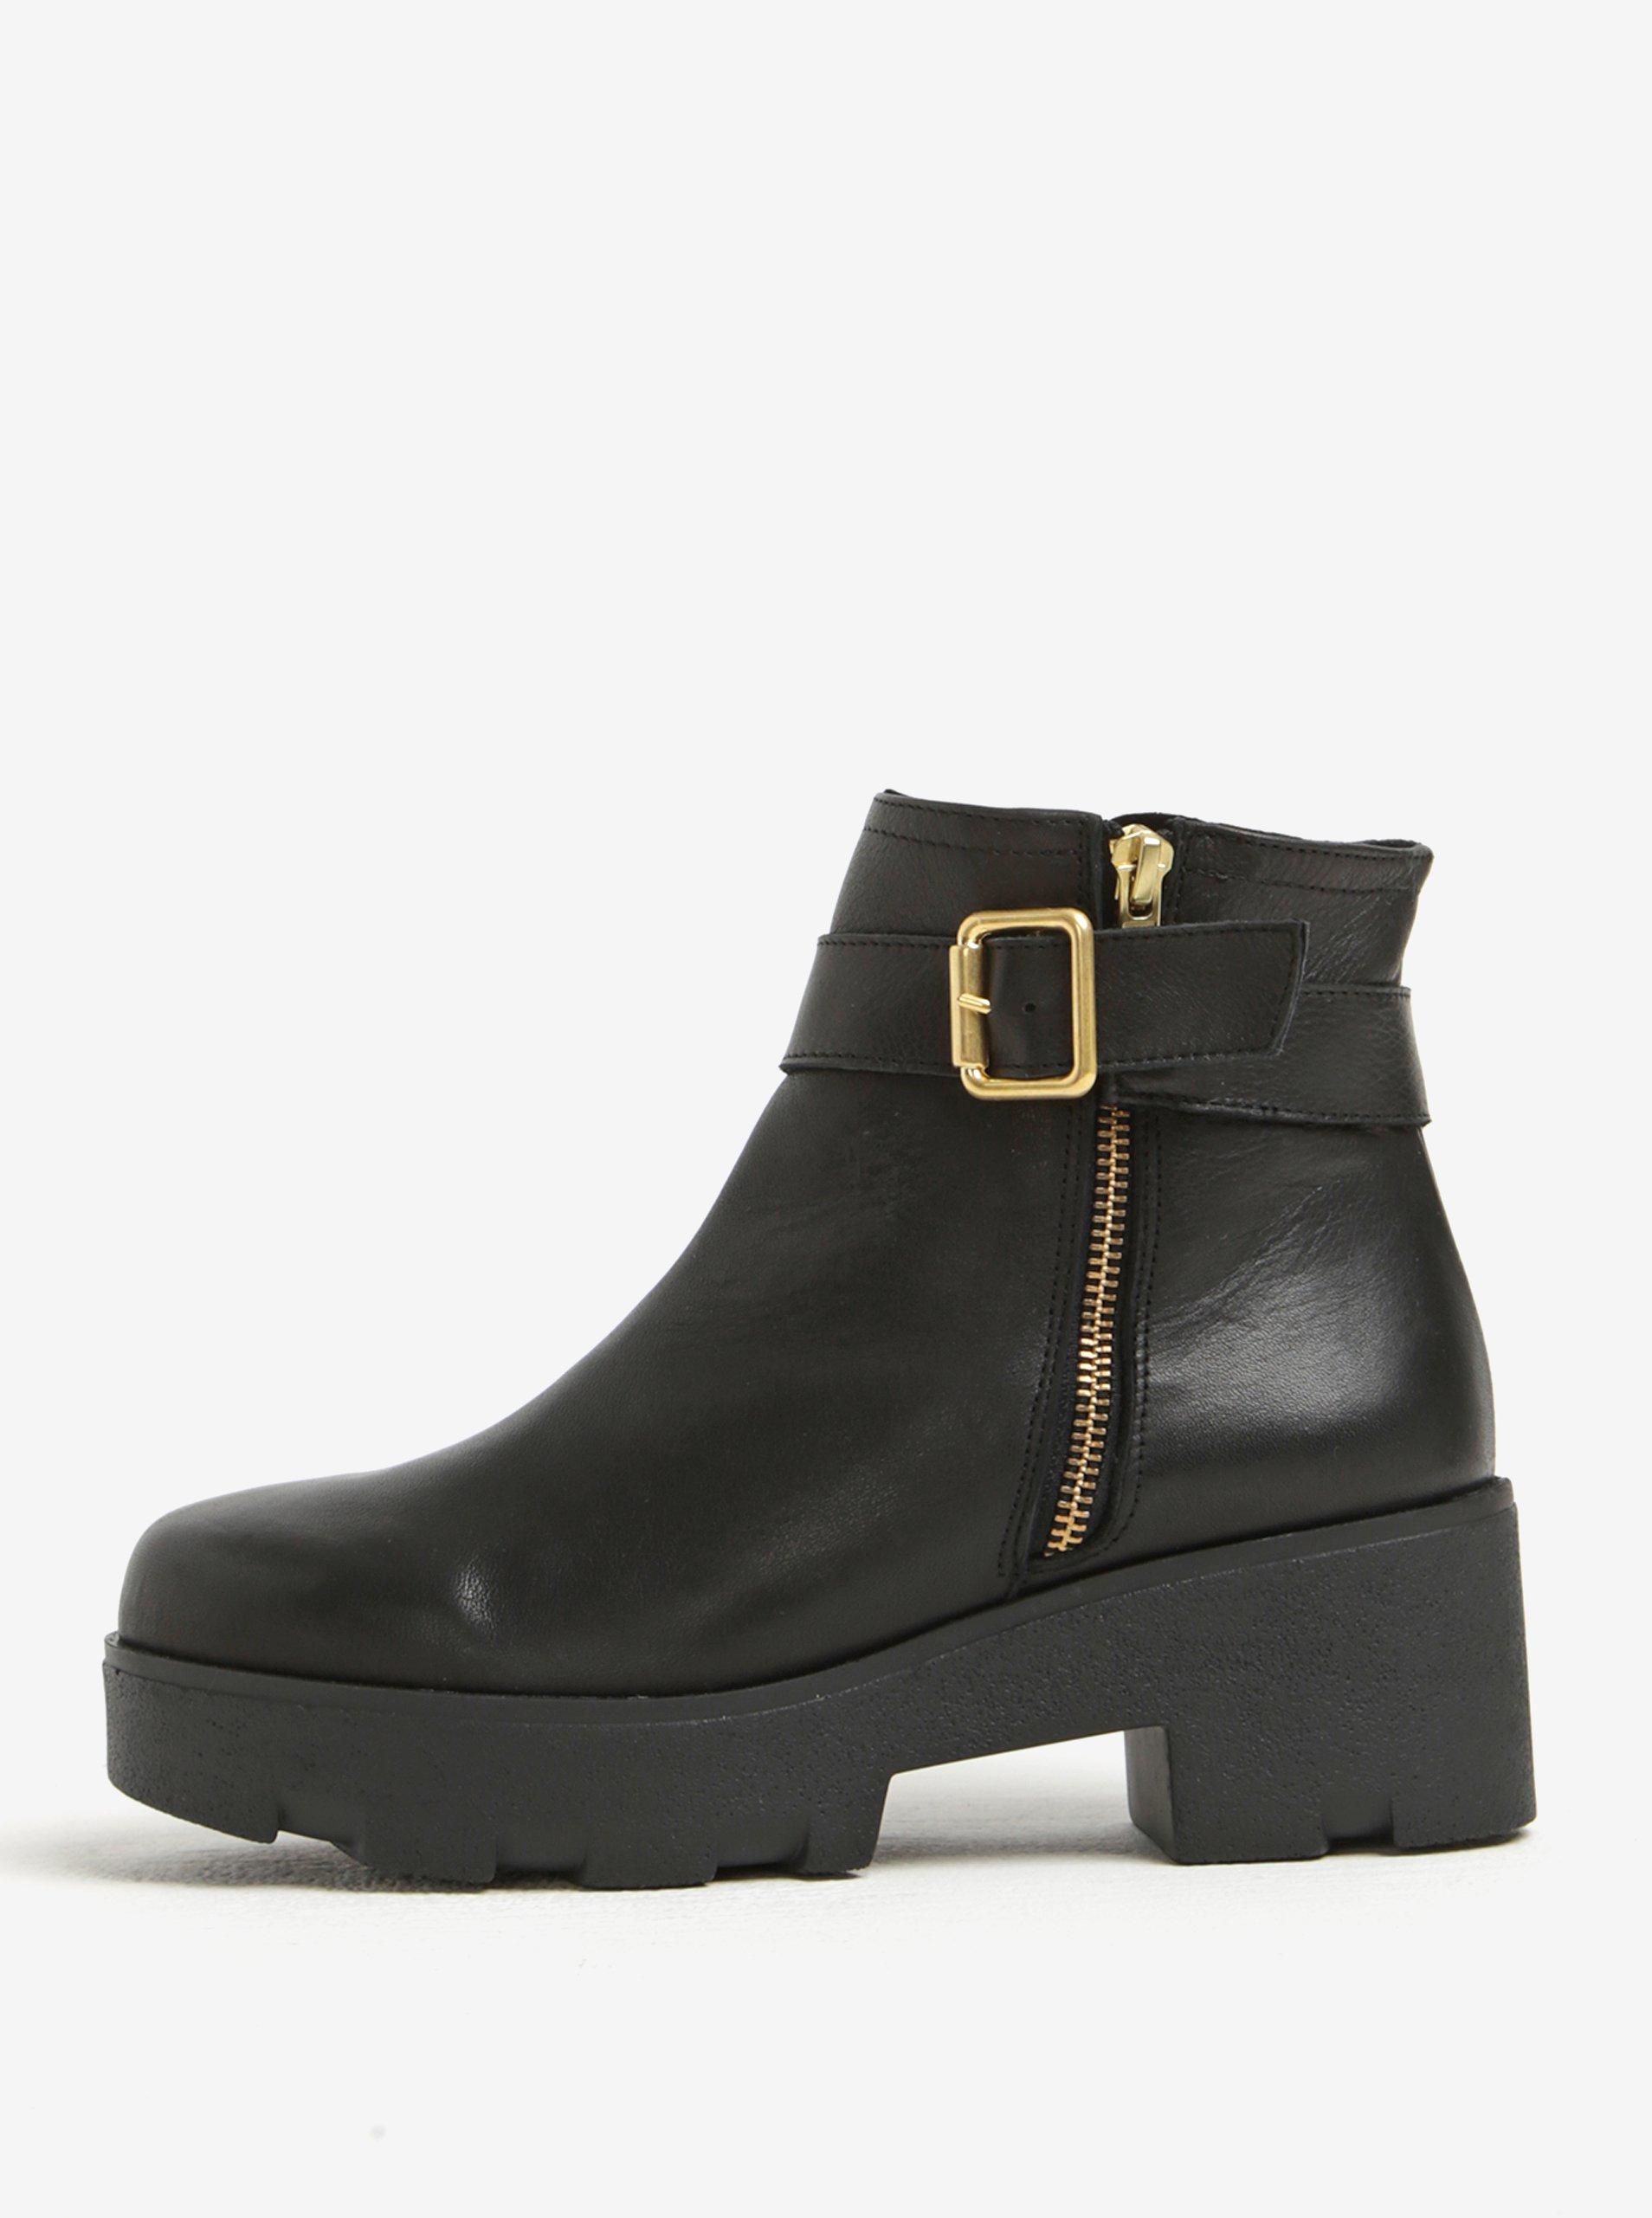 92e255d0ce4d Čierne kožené členkové topánky na platforme OJJU